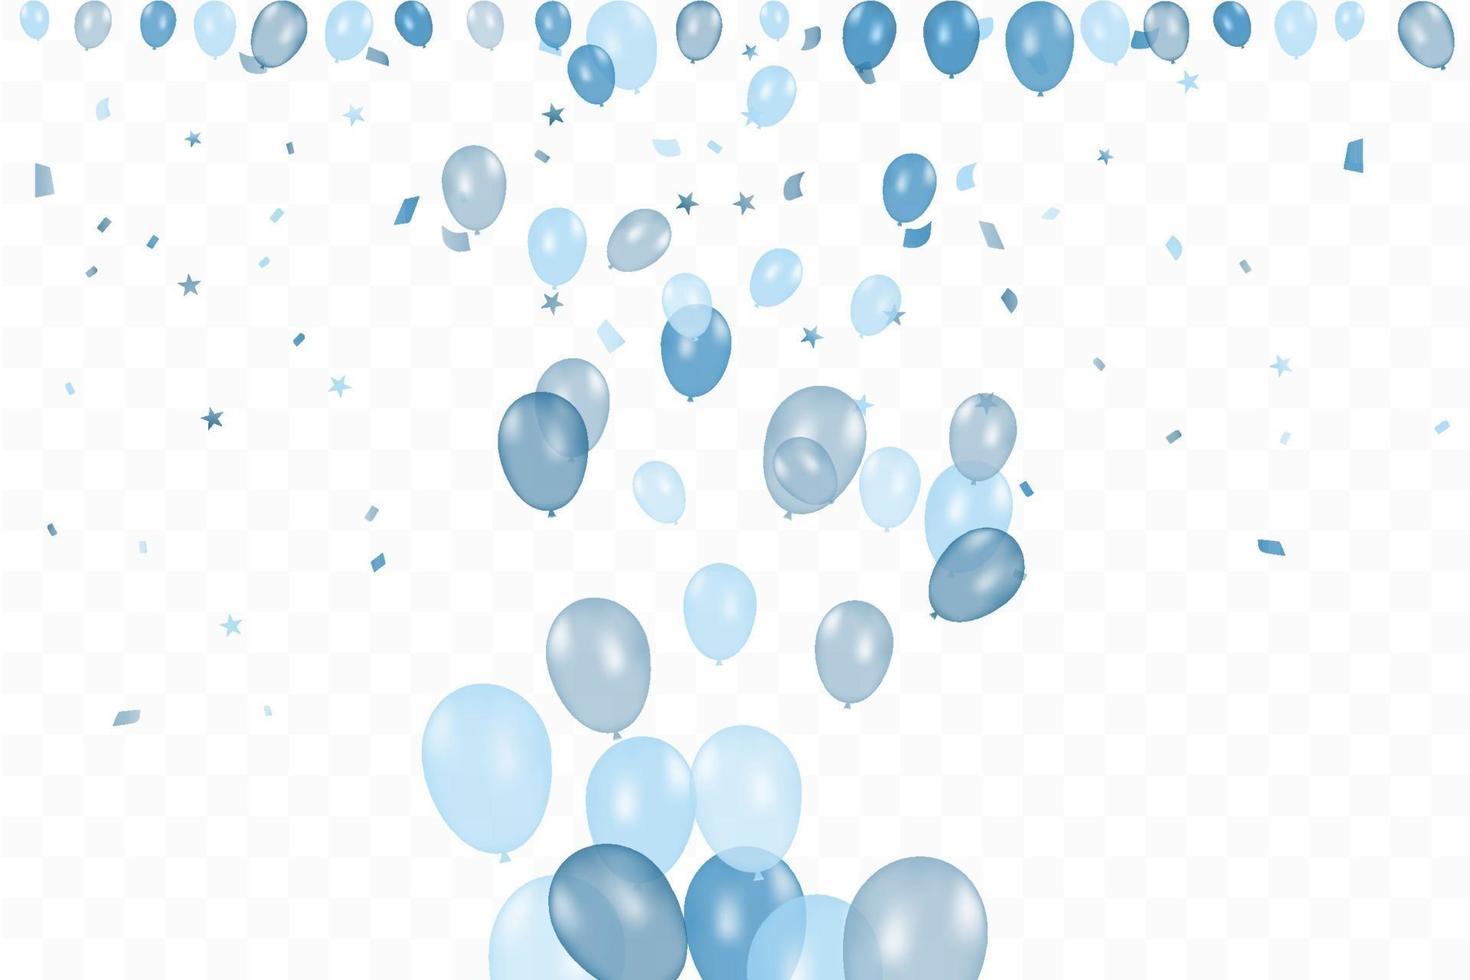 Jungengeburtstag. Alles Gute zum Geburtstag Hintergrund mit blauen Luftballons und Konfetti. Feier Event Party. vektor